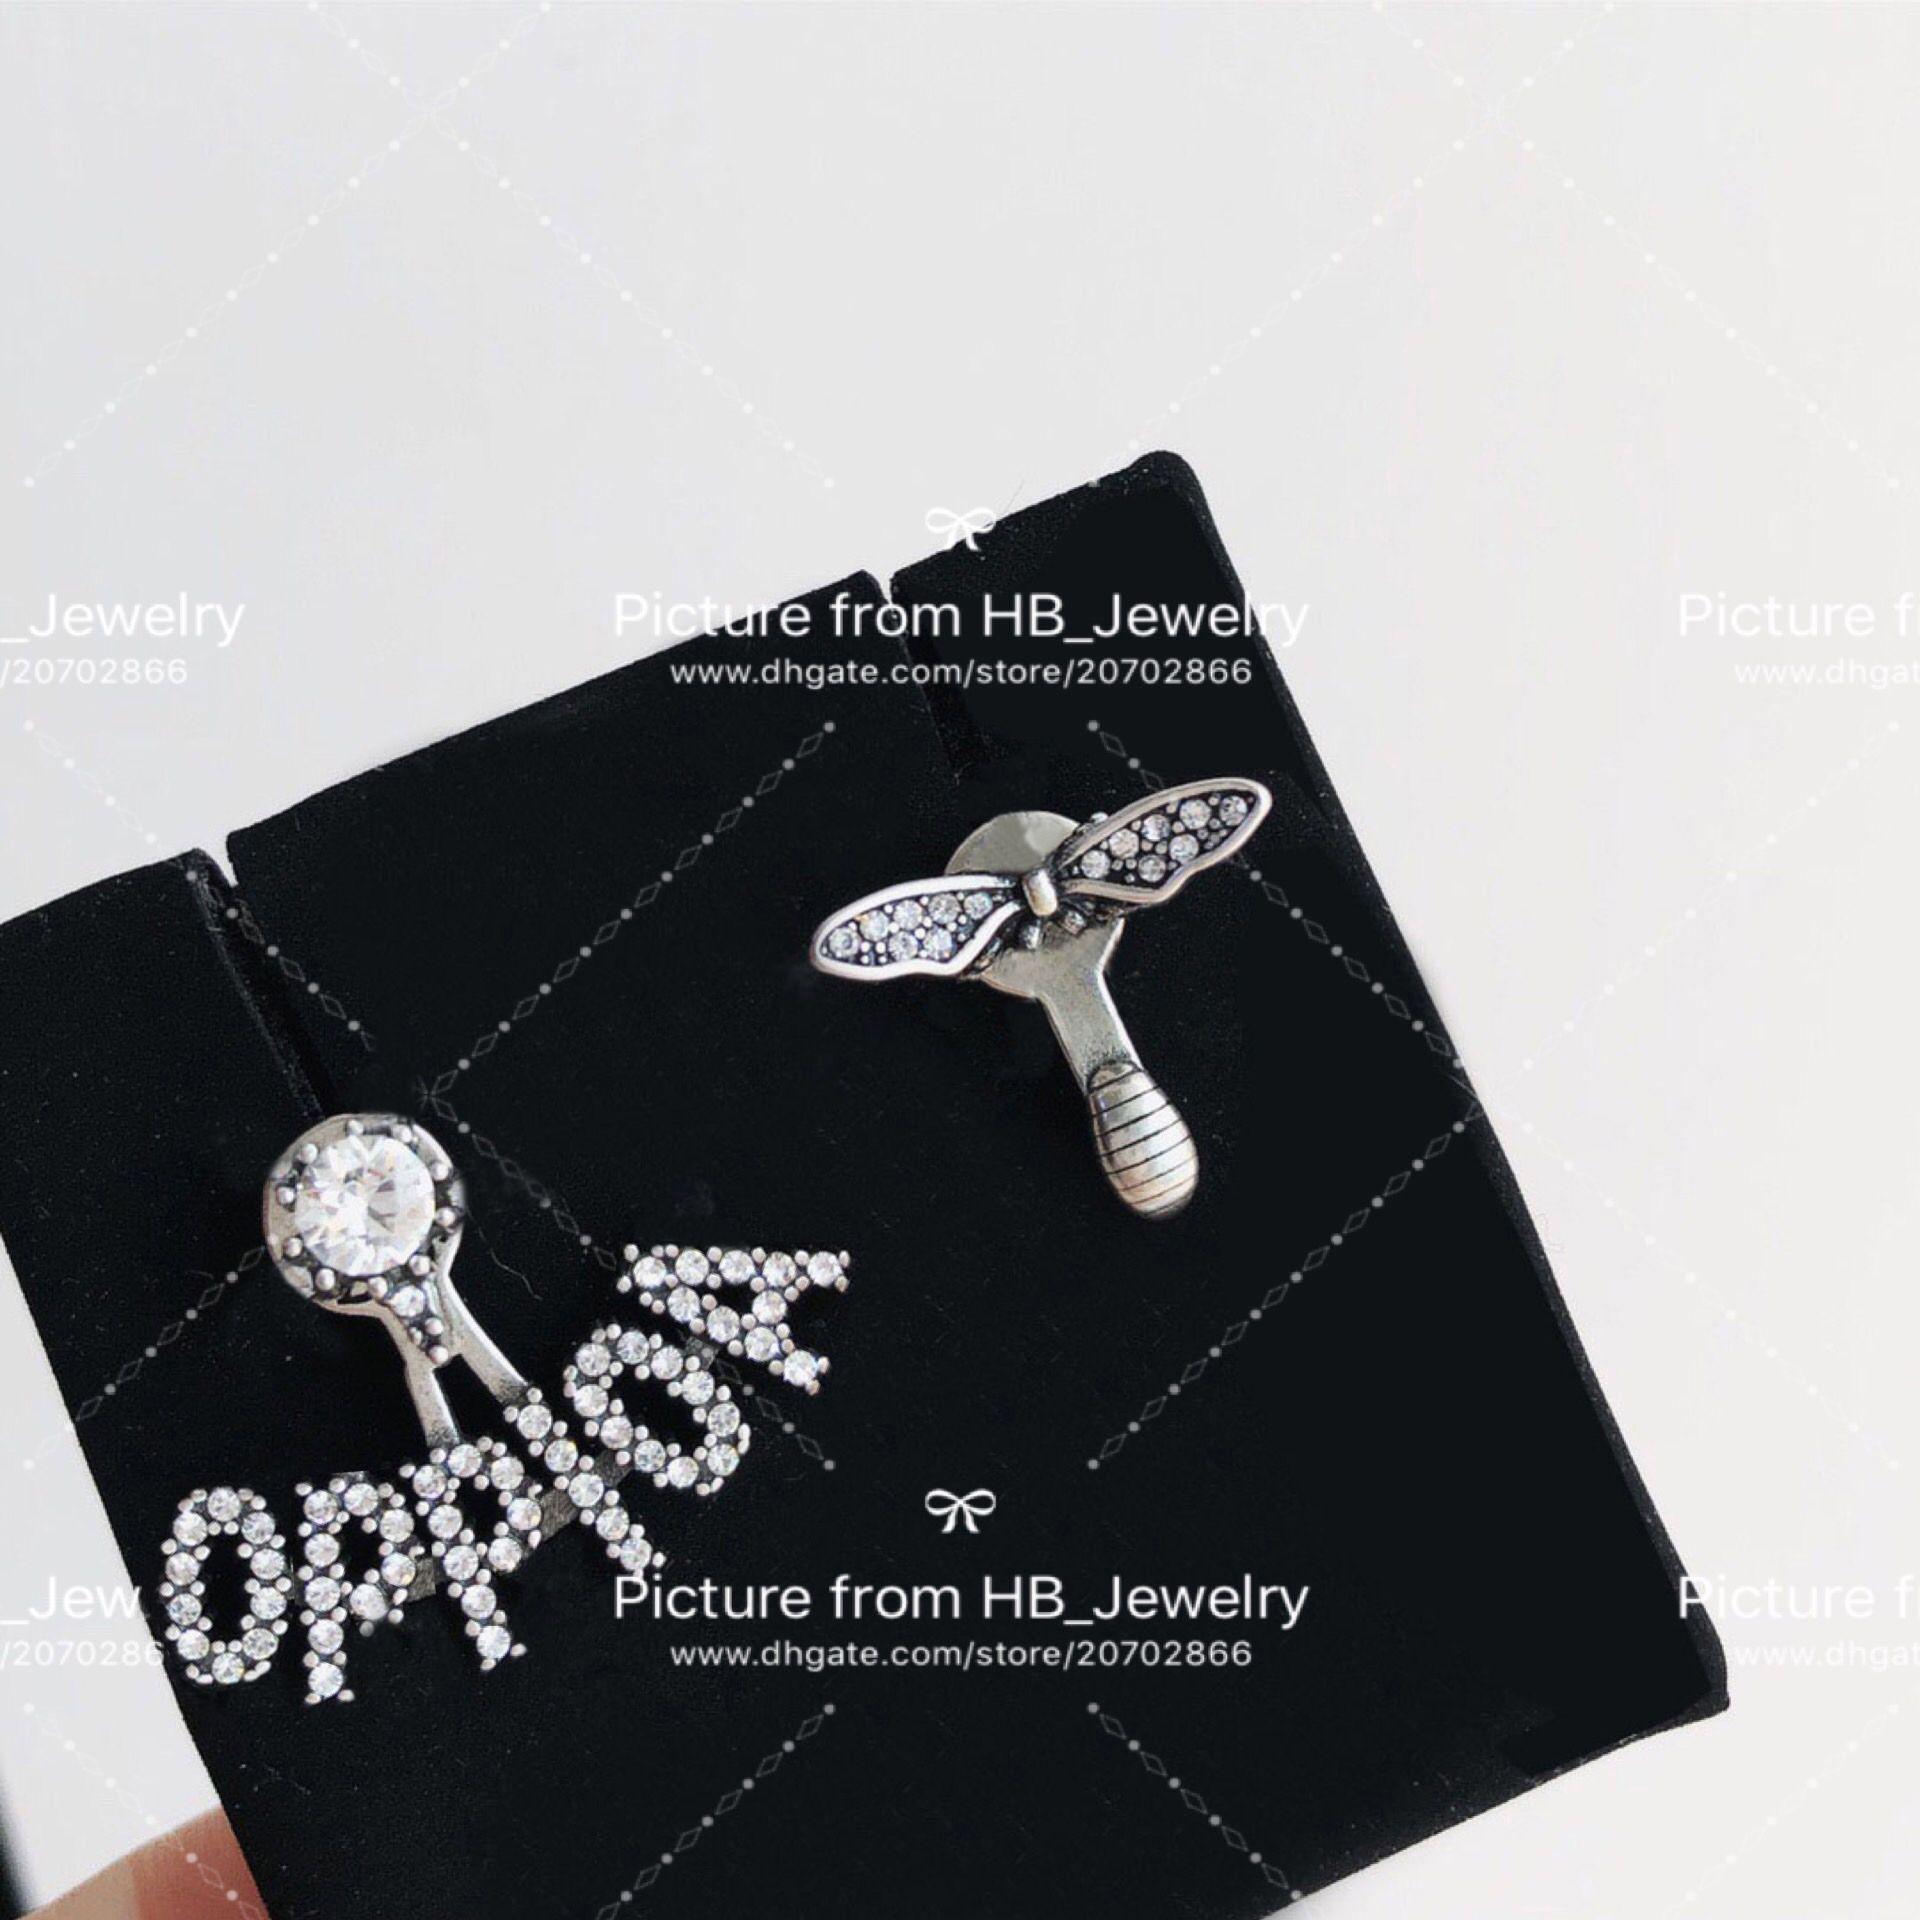 هل لديك الطوابع إلكتروني الأزياء النحل طوق الماس مسمار الأقراط aretes لسيدة الرجال النساء عشاق حفل زفاف هدية المجوهرات للعروس مع مربع